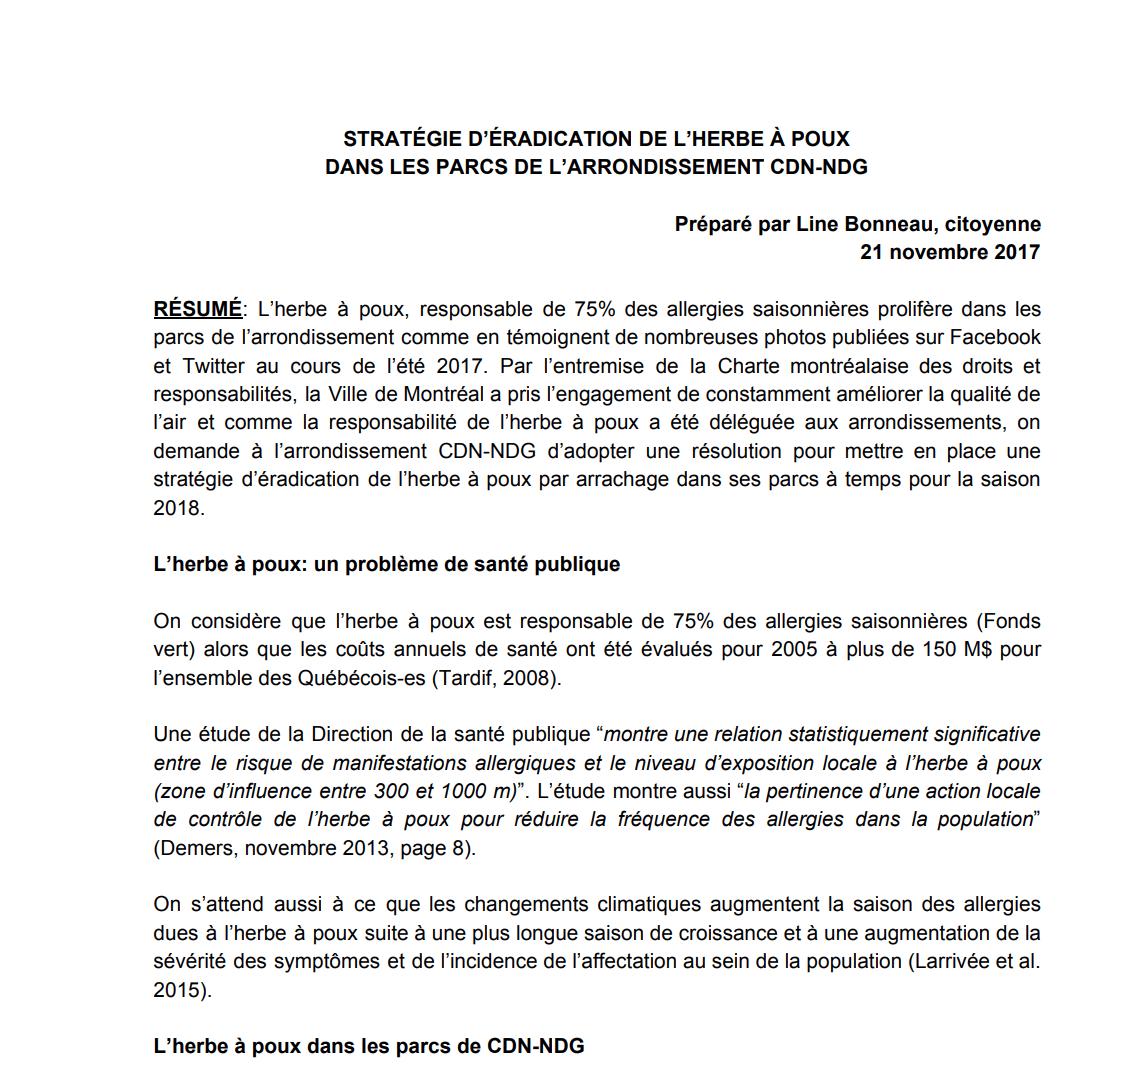 Stratégie d'éradication proposée dans CDN-NDG par Line Bonneau